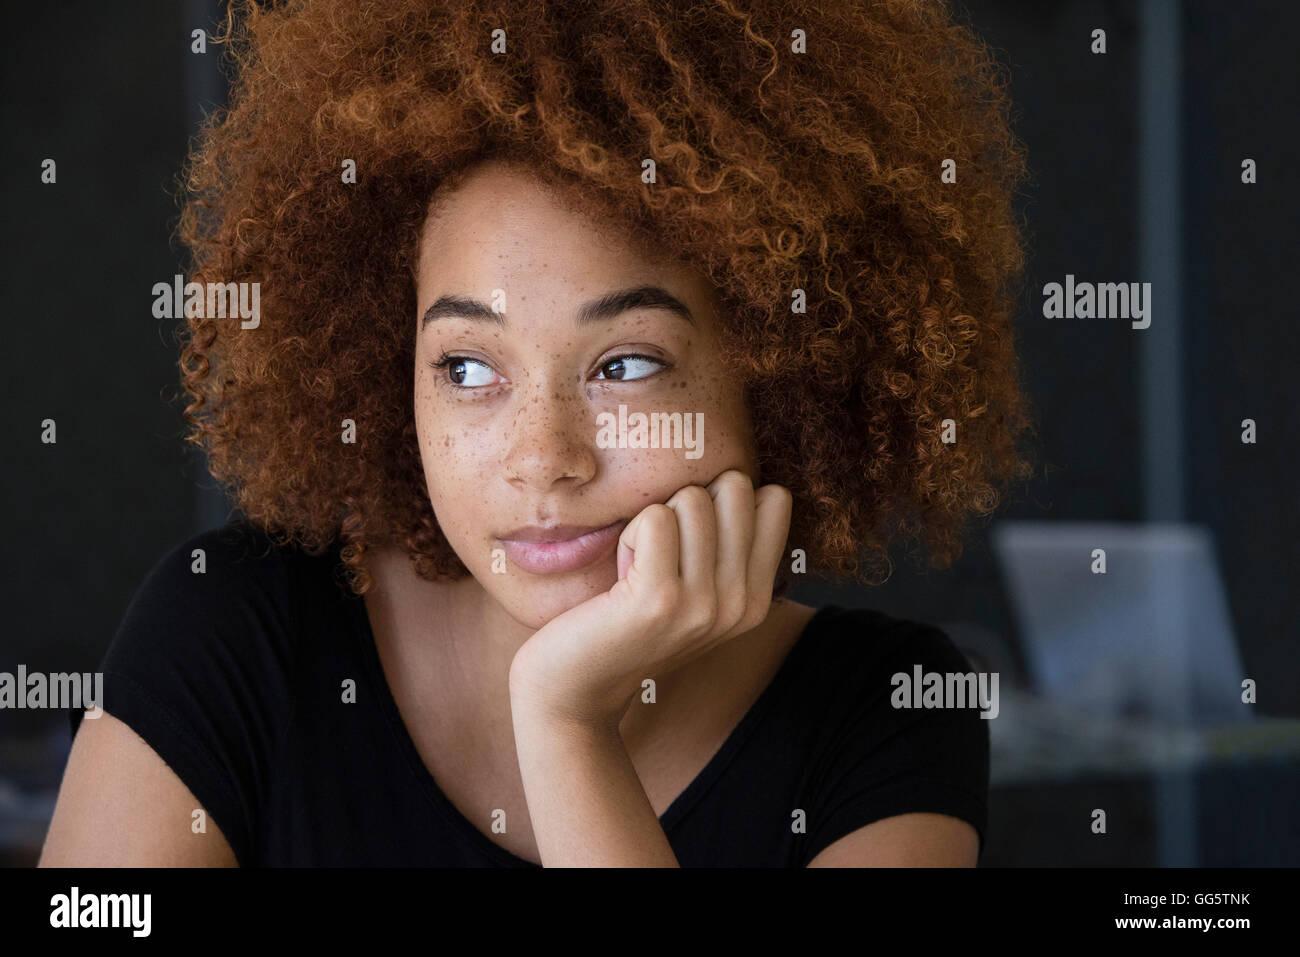 Nahaufnahme einer jungen Frau denken Stockbild